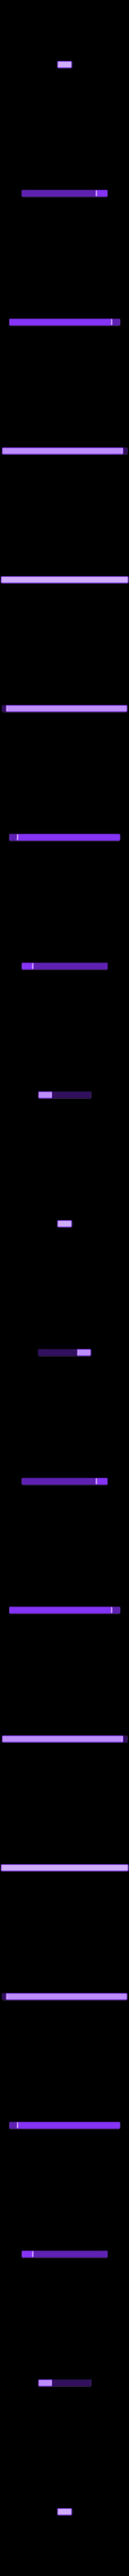 Bar_bottom.stl Télécharger fichier STL gratuit Réservoir d'ondulation • Modèle pour impression 3D, poblocki1982